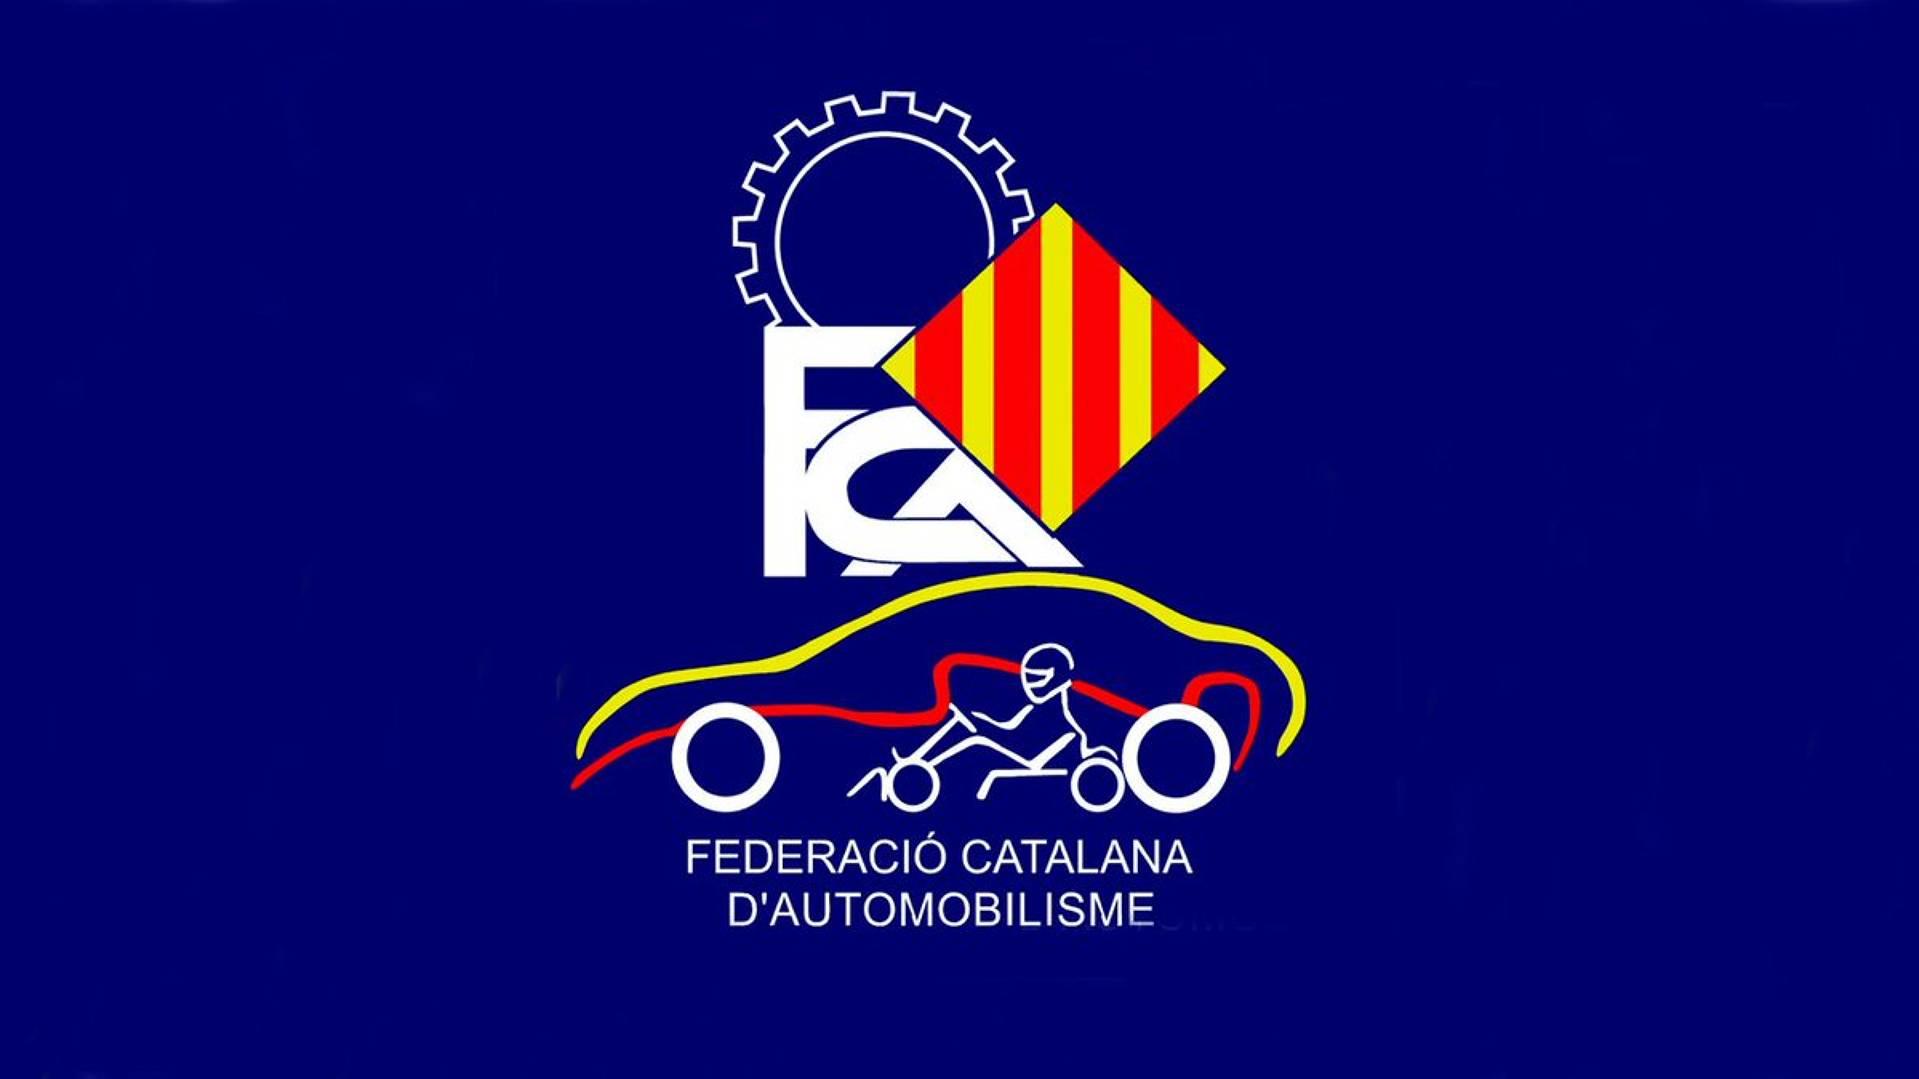 Comunicat: L'esport català s'atura